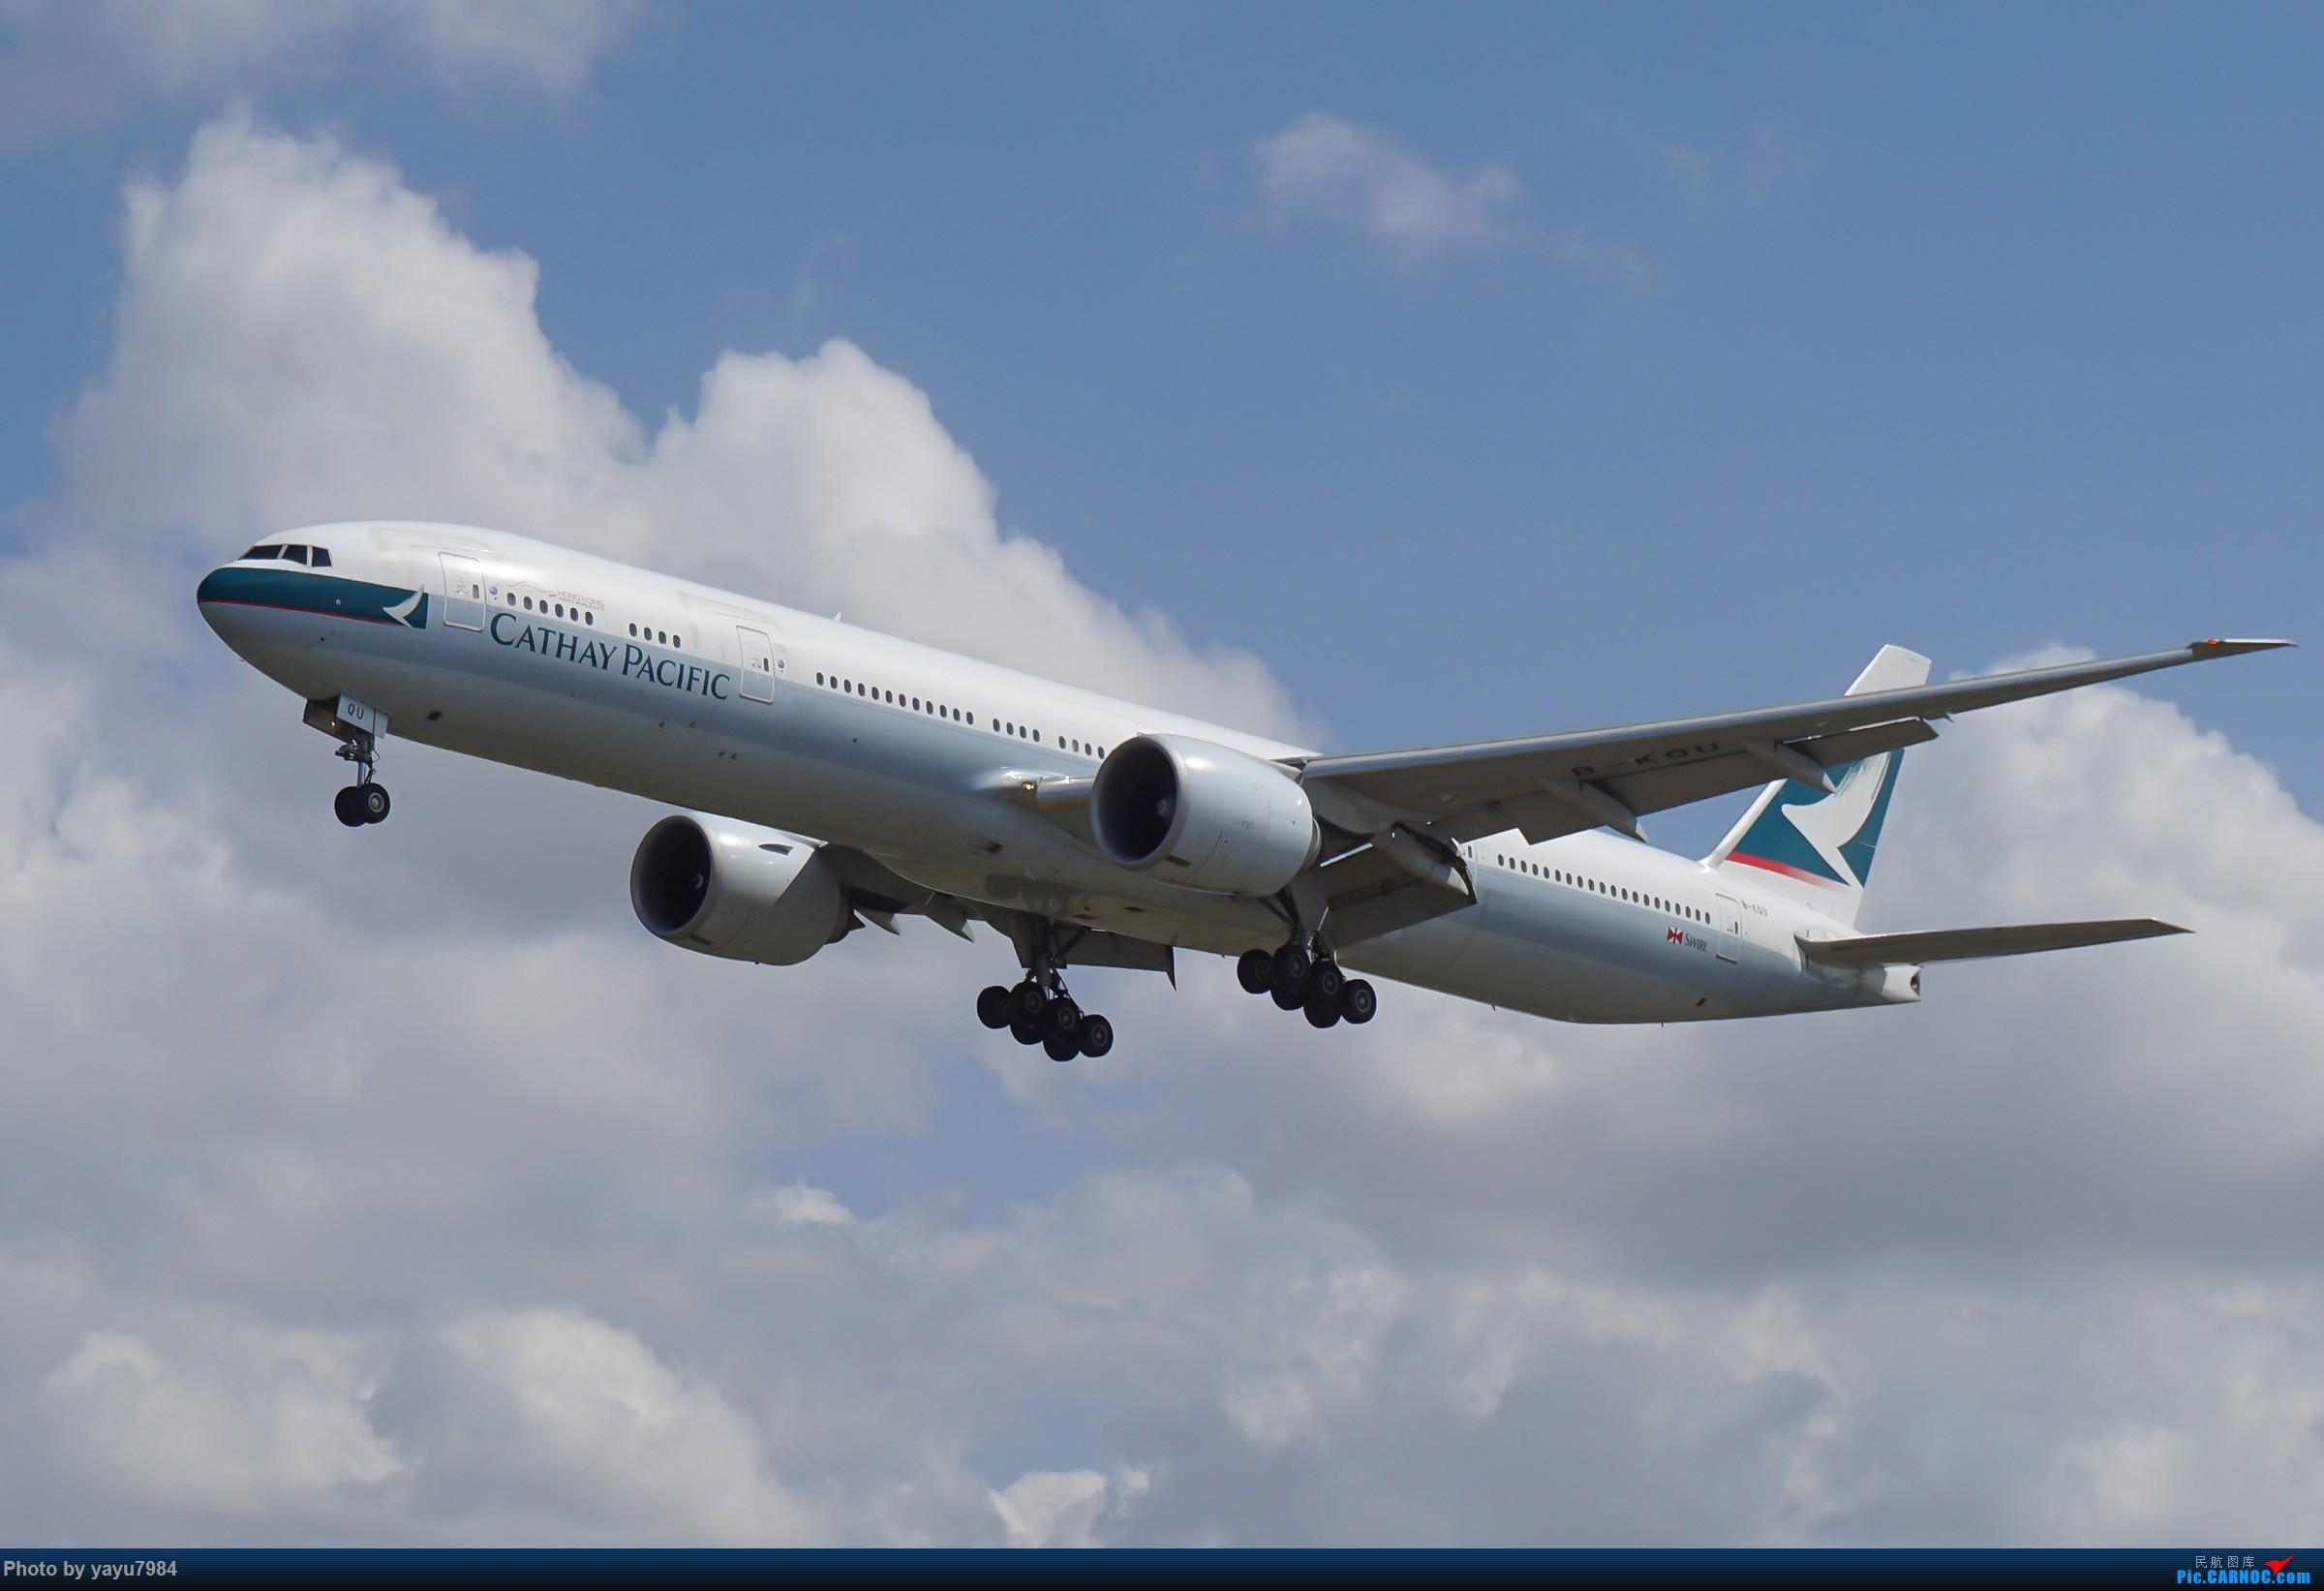 Re:[原创][SYD] 东航天合332,雪绒花343,华航蓝鹊,以及其他日常货 BOEING 777-300ER B-KQU 澳大利亚悉尼金斯福德·史密斯机场